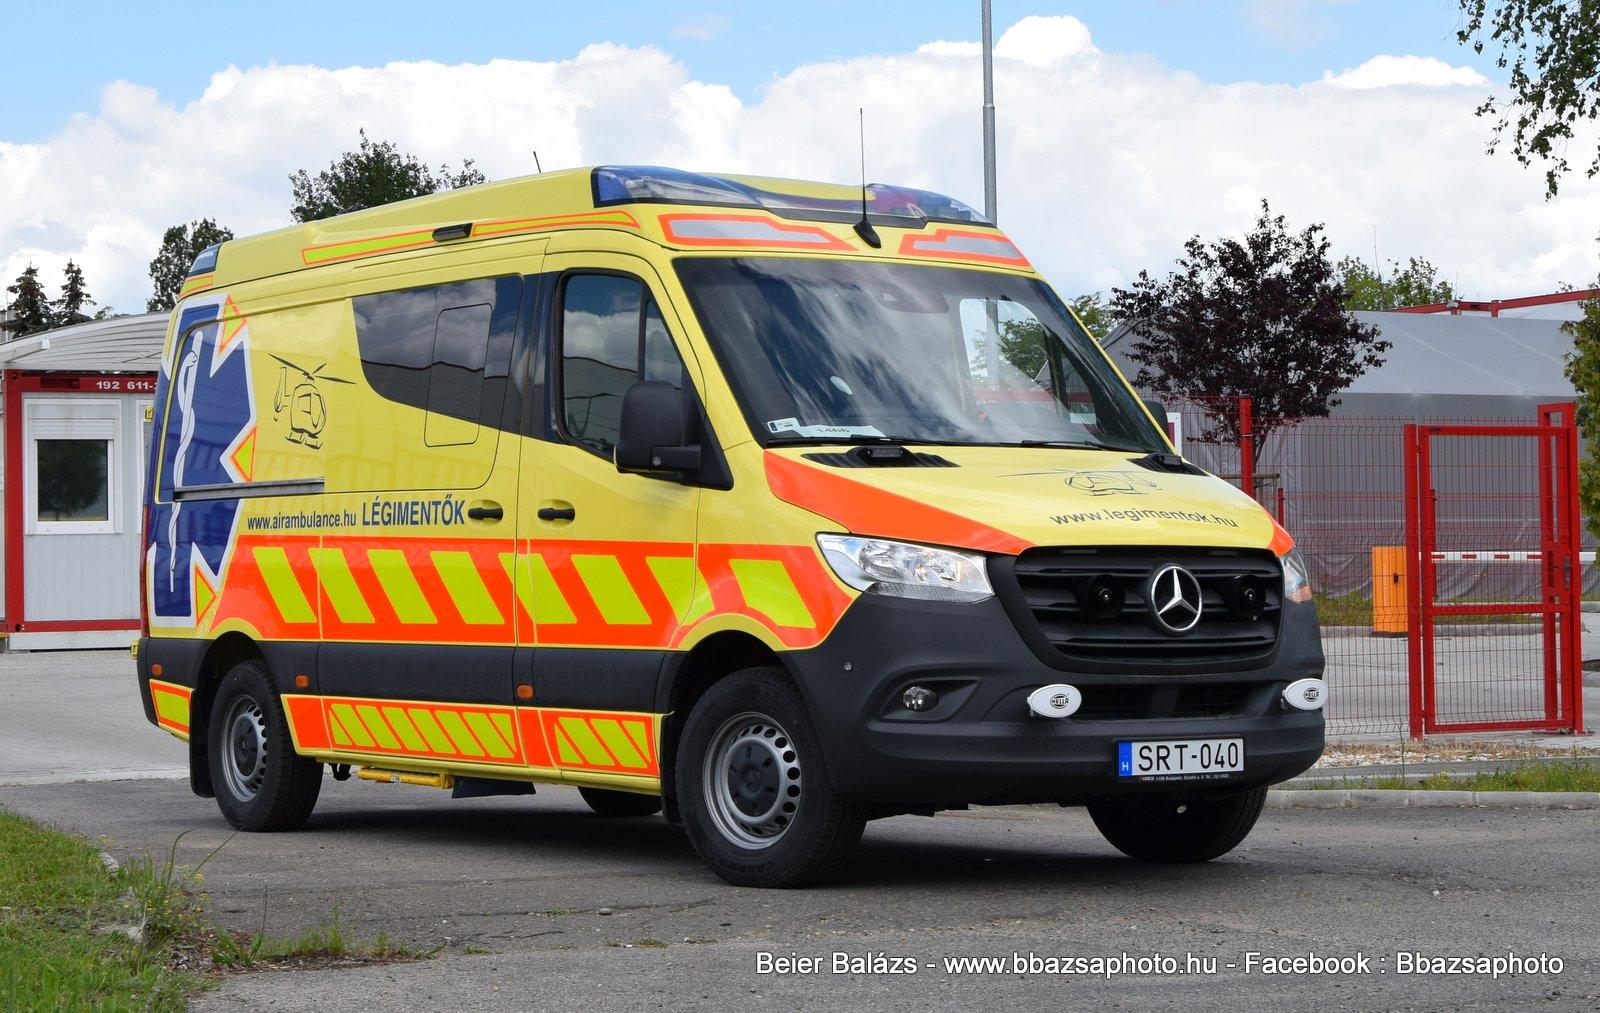 Mercedes Sprinter III Profile – Légimentők